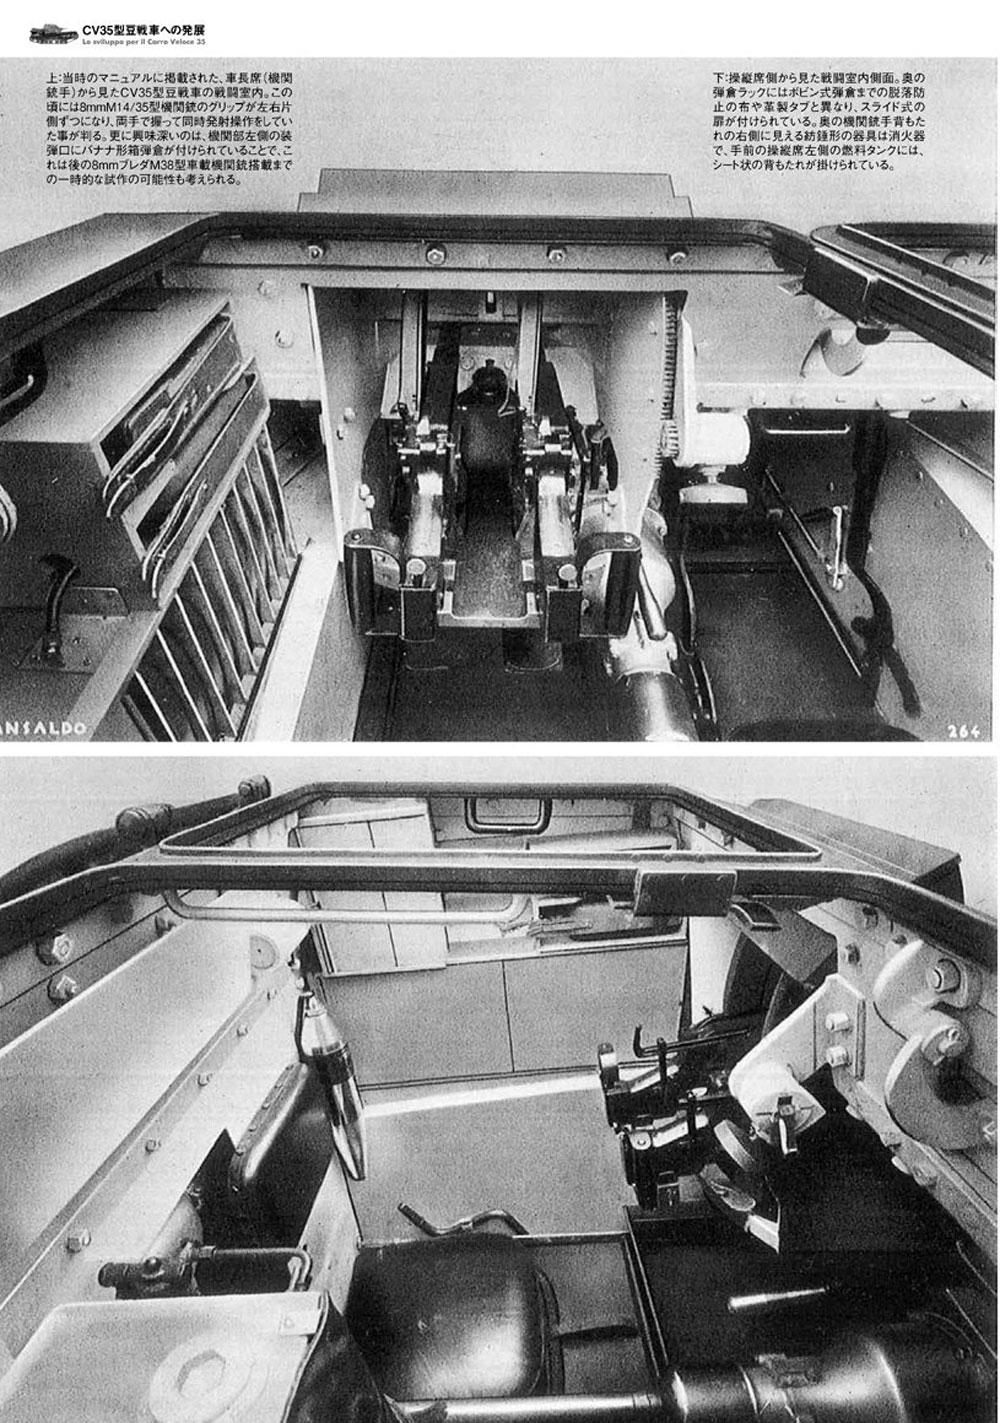 イタリアの豆戦車 写真集写真集(イカロス出版戦車No.0448-4)商品画像_3